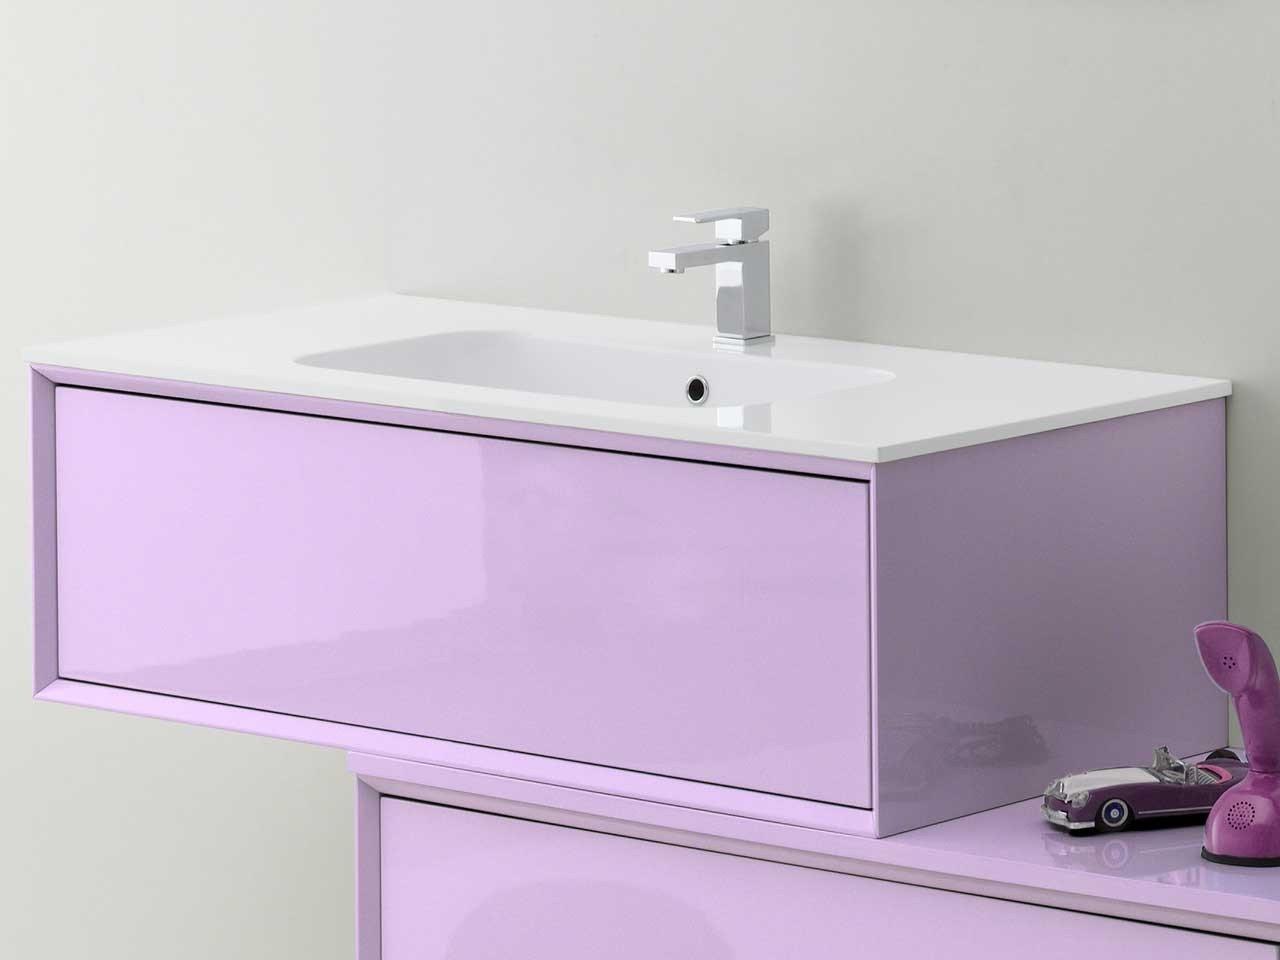 Brera color base p lavabo 90x50x33 lilla iperceramica - Mobile bagno lilla ...